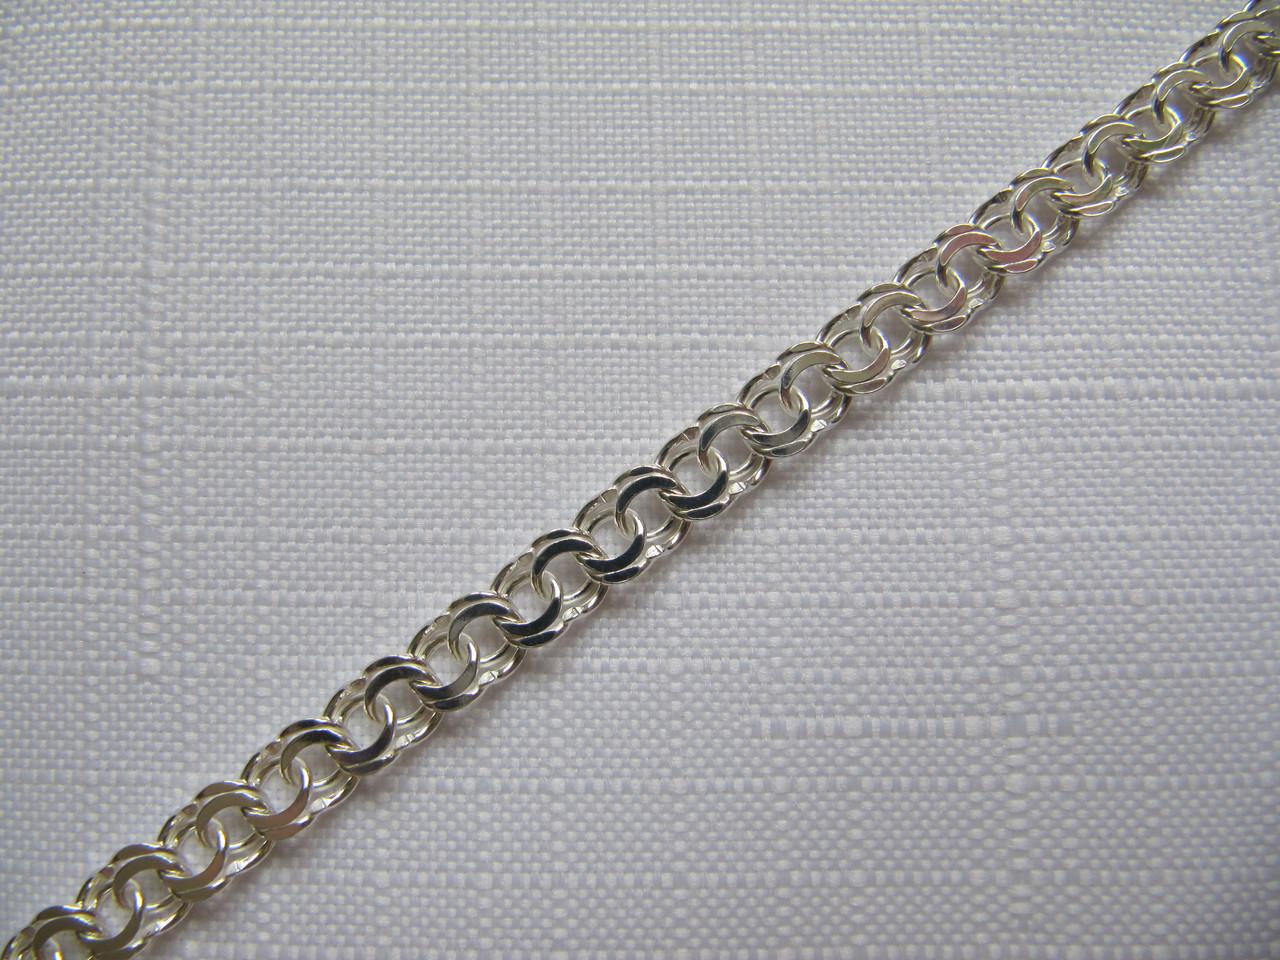 Серебряный браслет ГАРИБАЛЬДИ (БИСМАРК) 5.5 мм 18 см